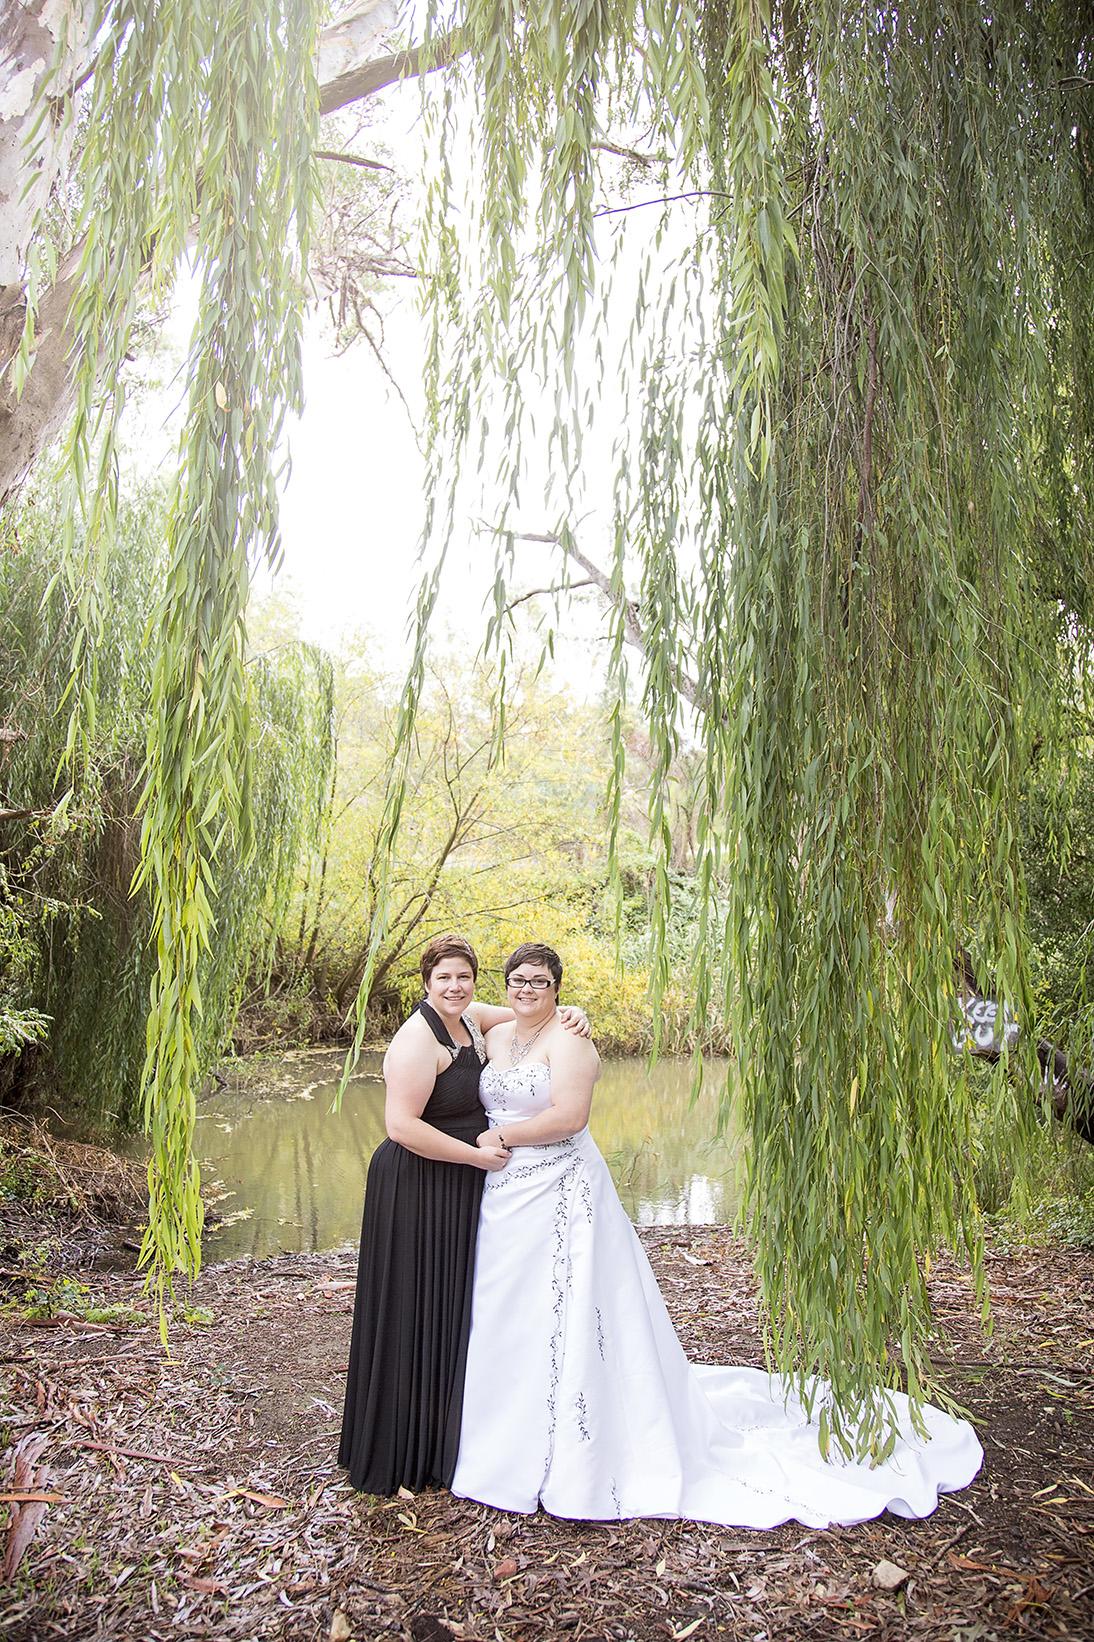 Clarendon Same Sex Wedding Photos 09.jpg